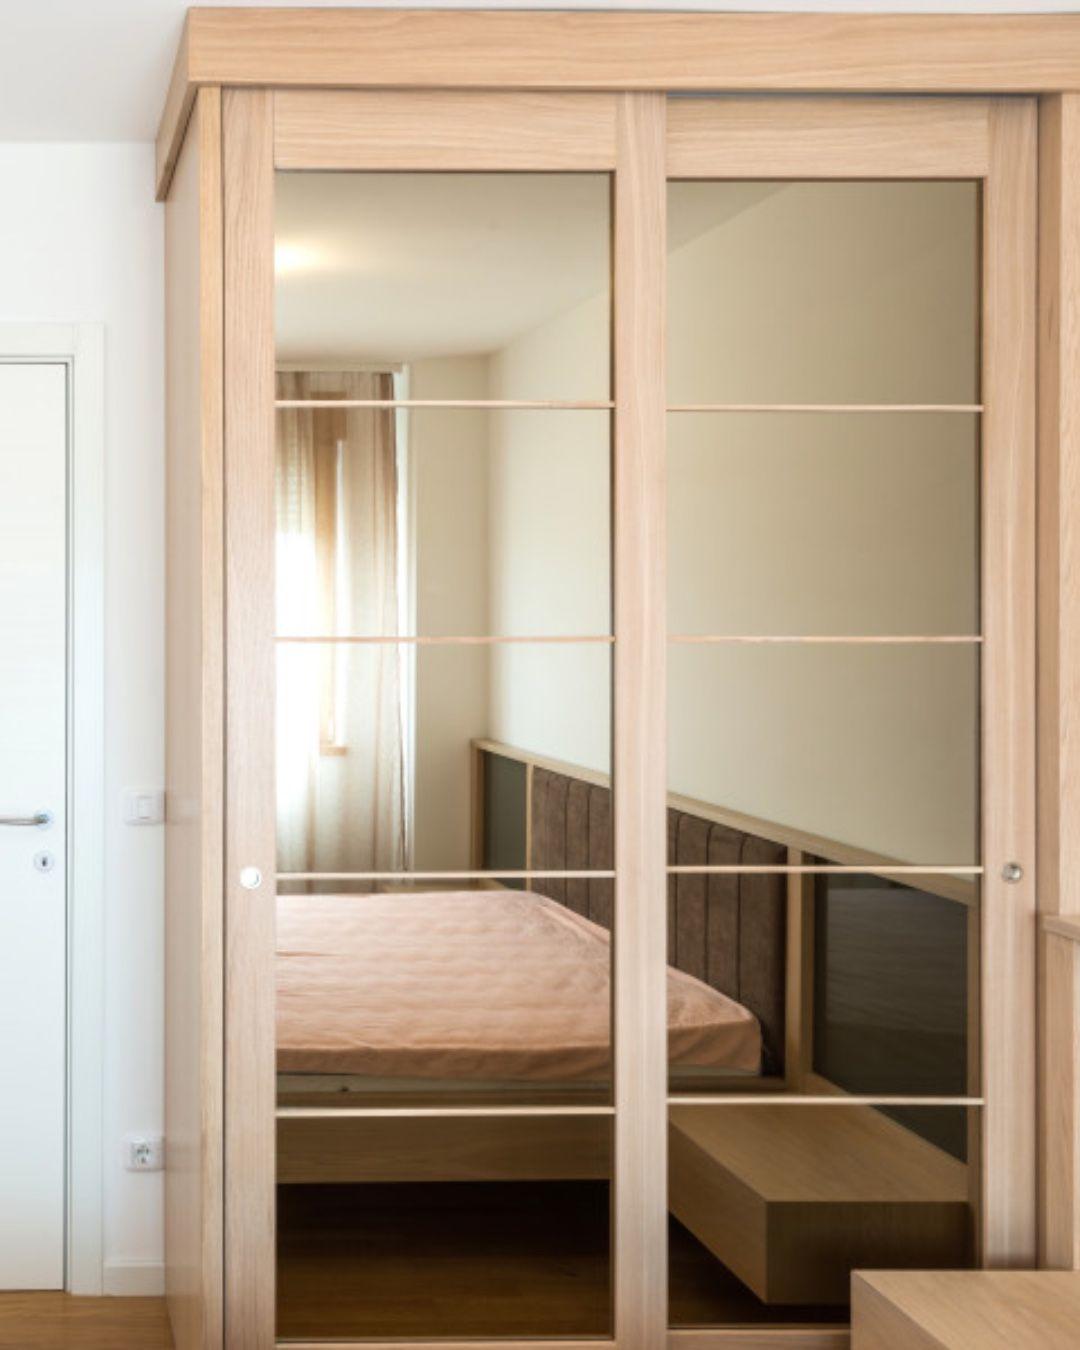 Spiegelfolie Zur Innenmontage In Silber Windowfilms Online In 2020 Spiegel Folie Ideen Fur Kleine Schlafzimmer Und Style At Home